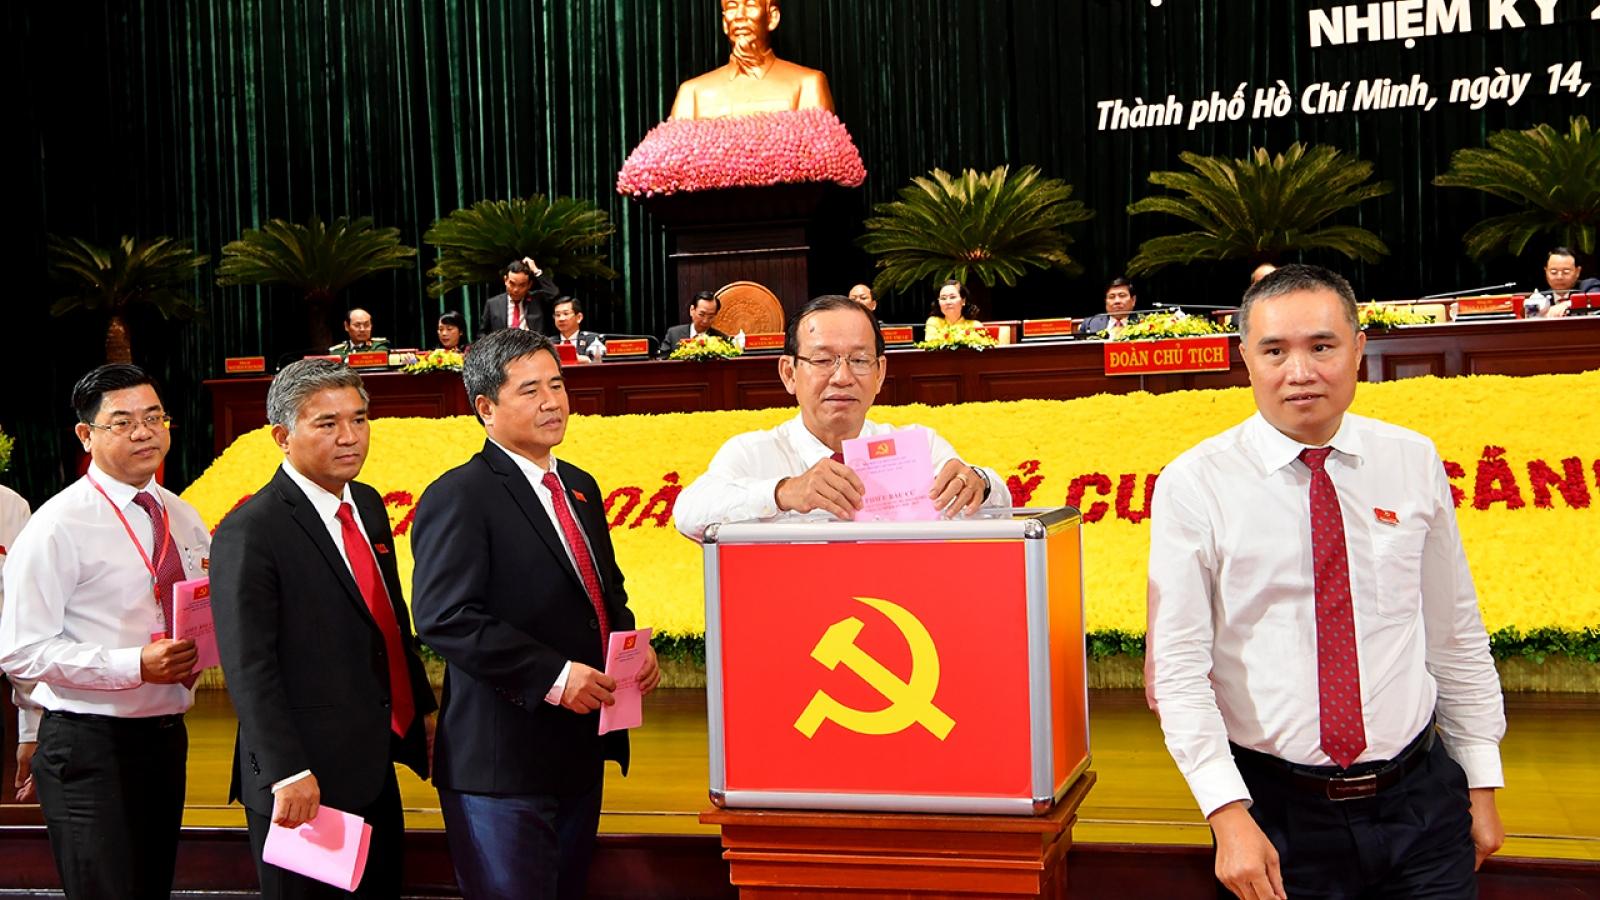 Đại hội Đảng bộ TPHCM: Bầu Ban Chấp hành gồm 61 uỷ viên